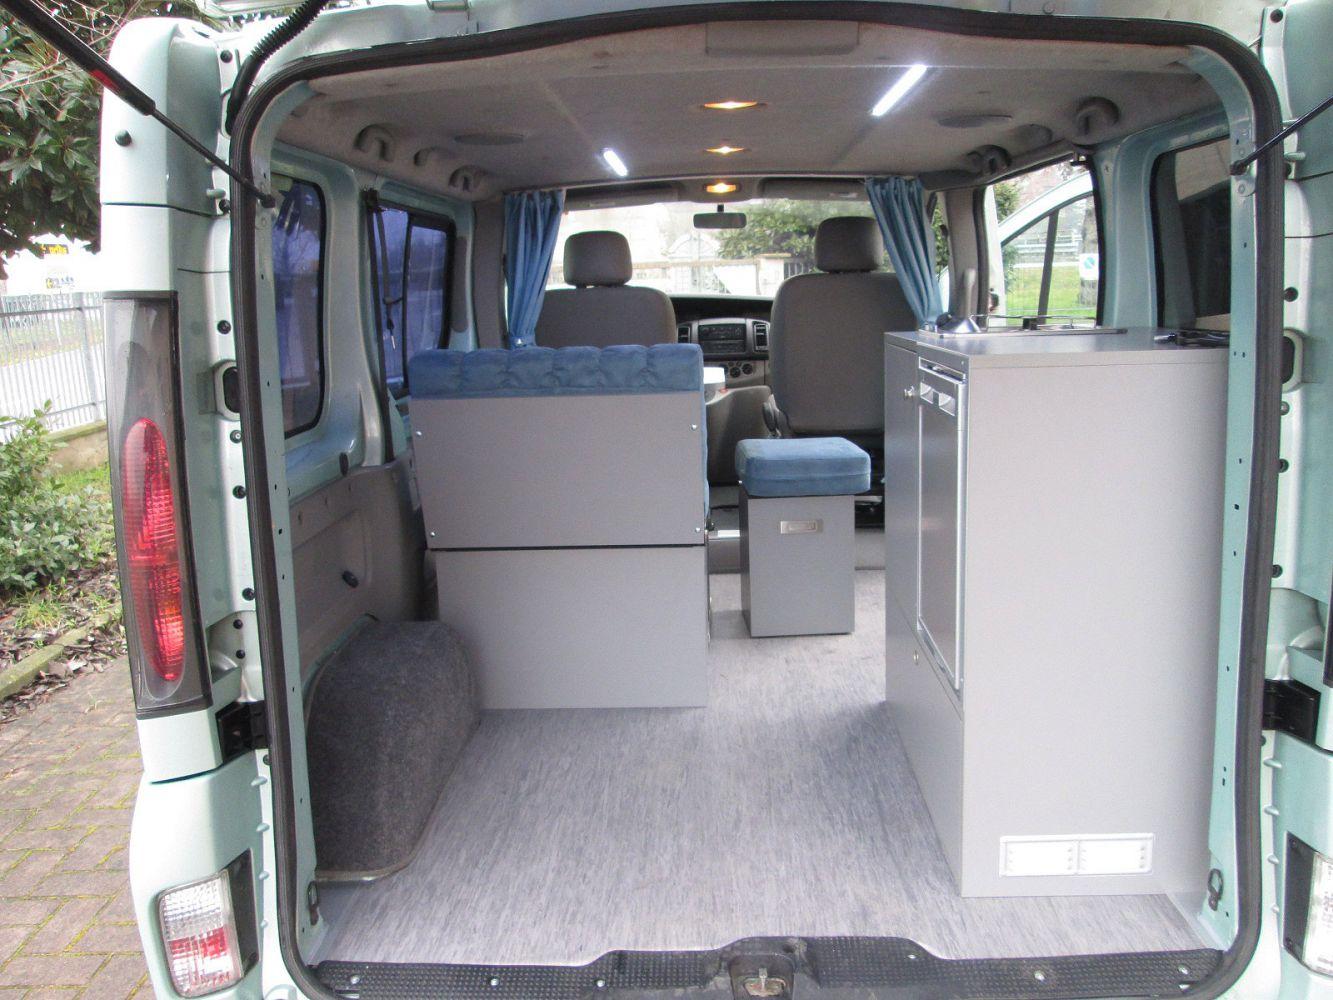 Ufficio mobile renault trafic valli s r l van for Mobile ufficio usato